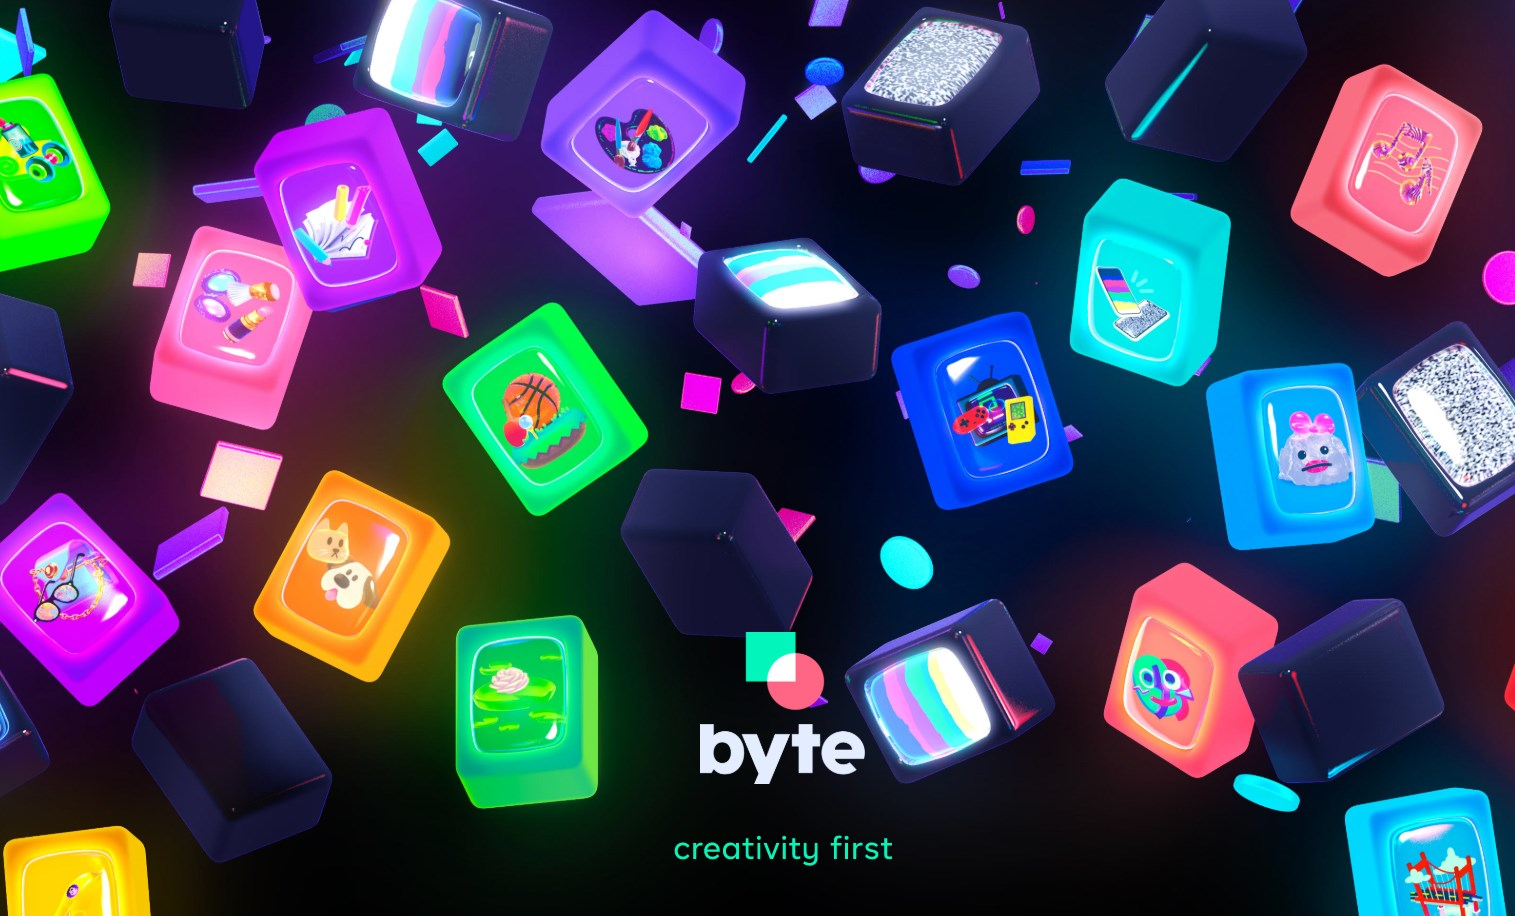 byte video app